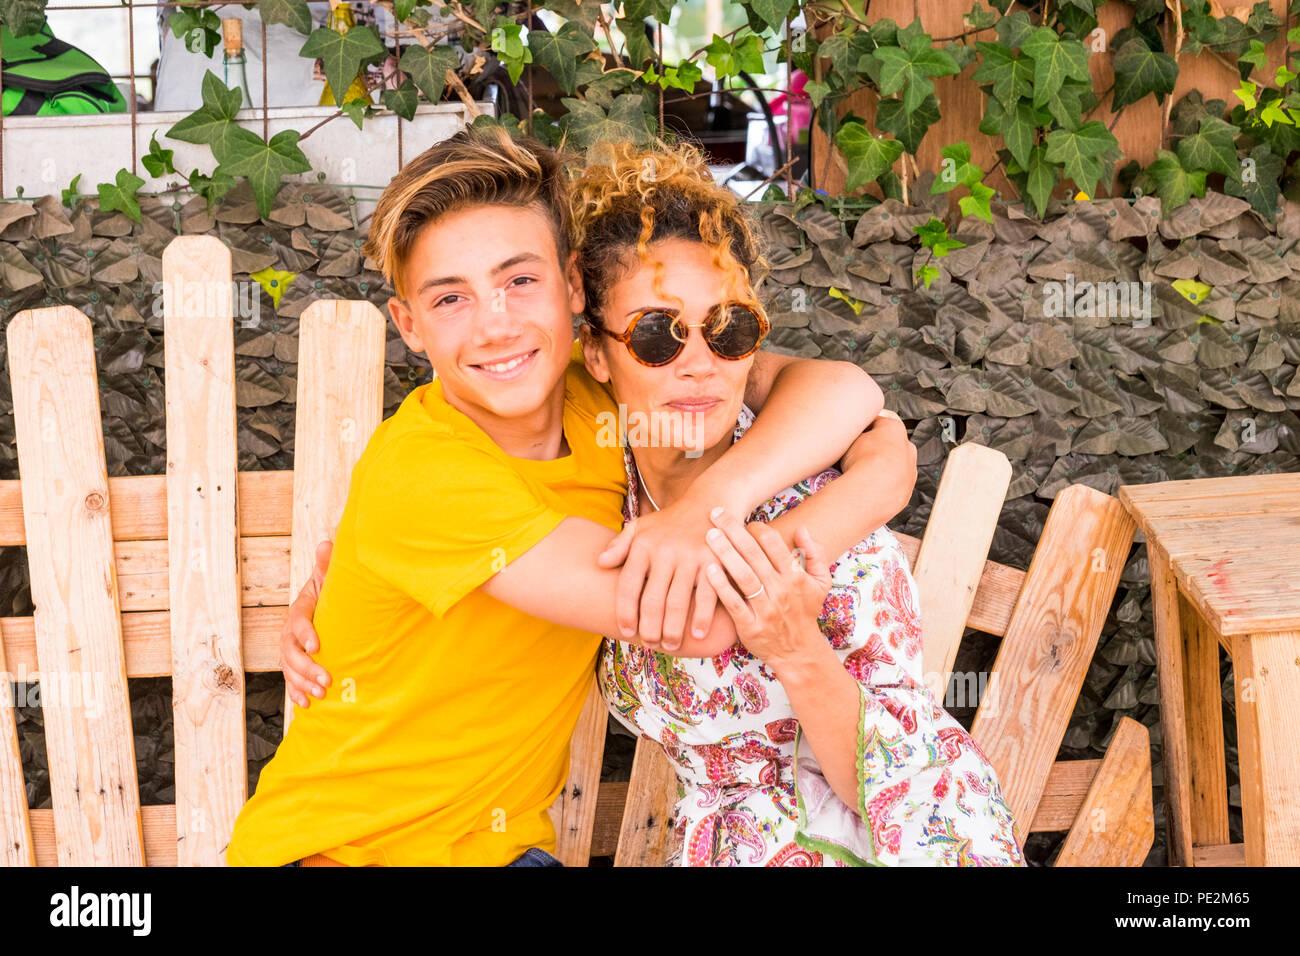 Madre e hijo abrazando con sonrisa y disfrutar del tiempo de ocio juntos con amor. La familia adolescente varón de 14 años de edad y mamá 43 divertirse sentada sobre una madera ser Imagen De Stock